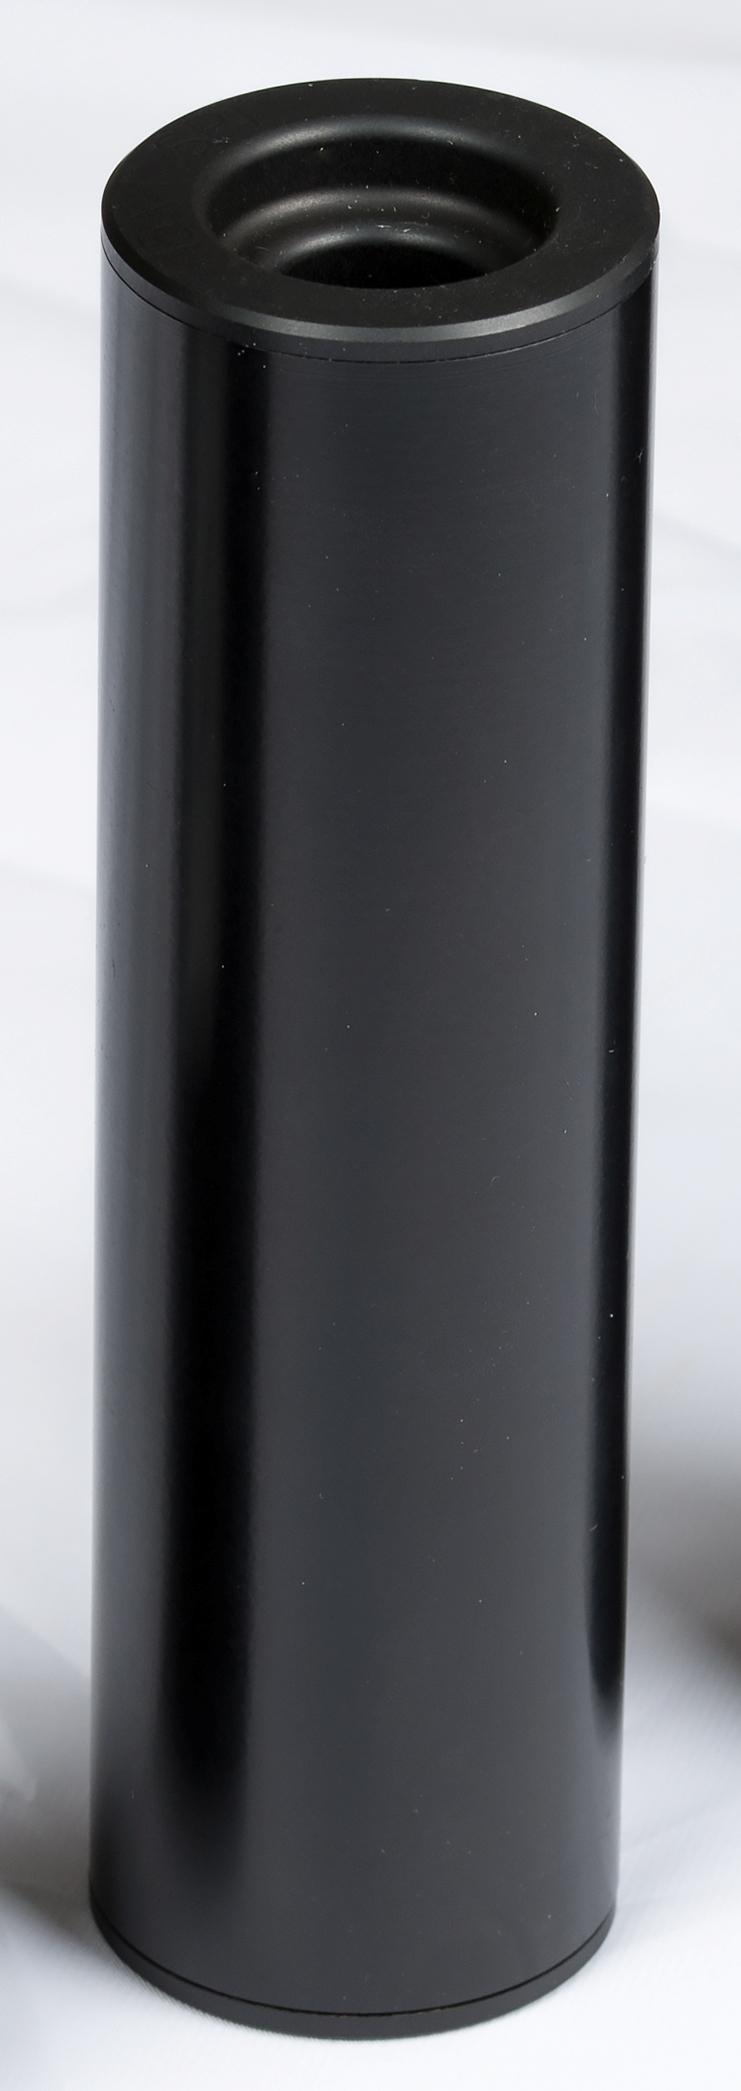 Osuma äänenvaimennin 220 6,5mm  15x1 spigot    musta